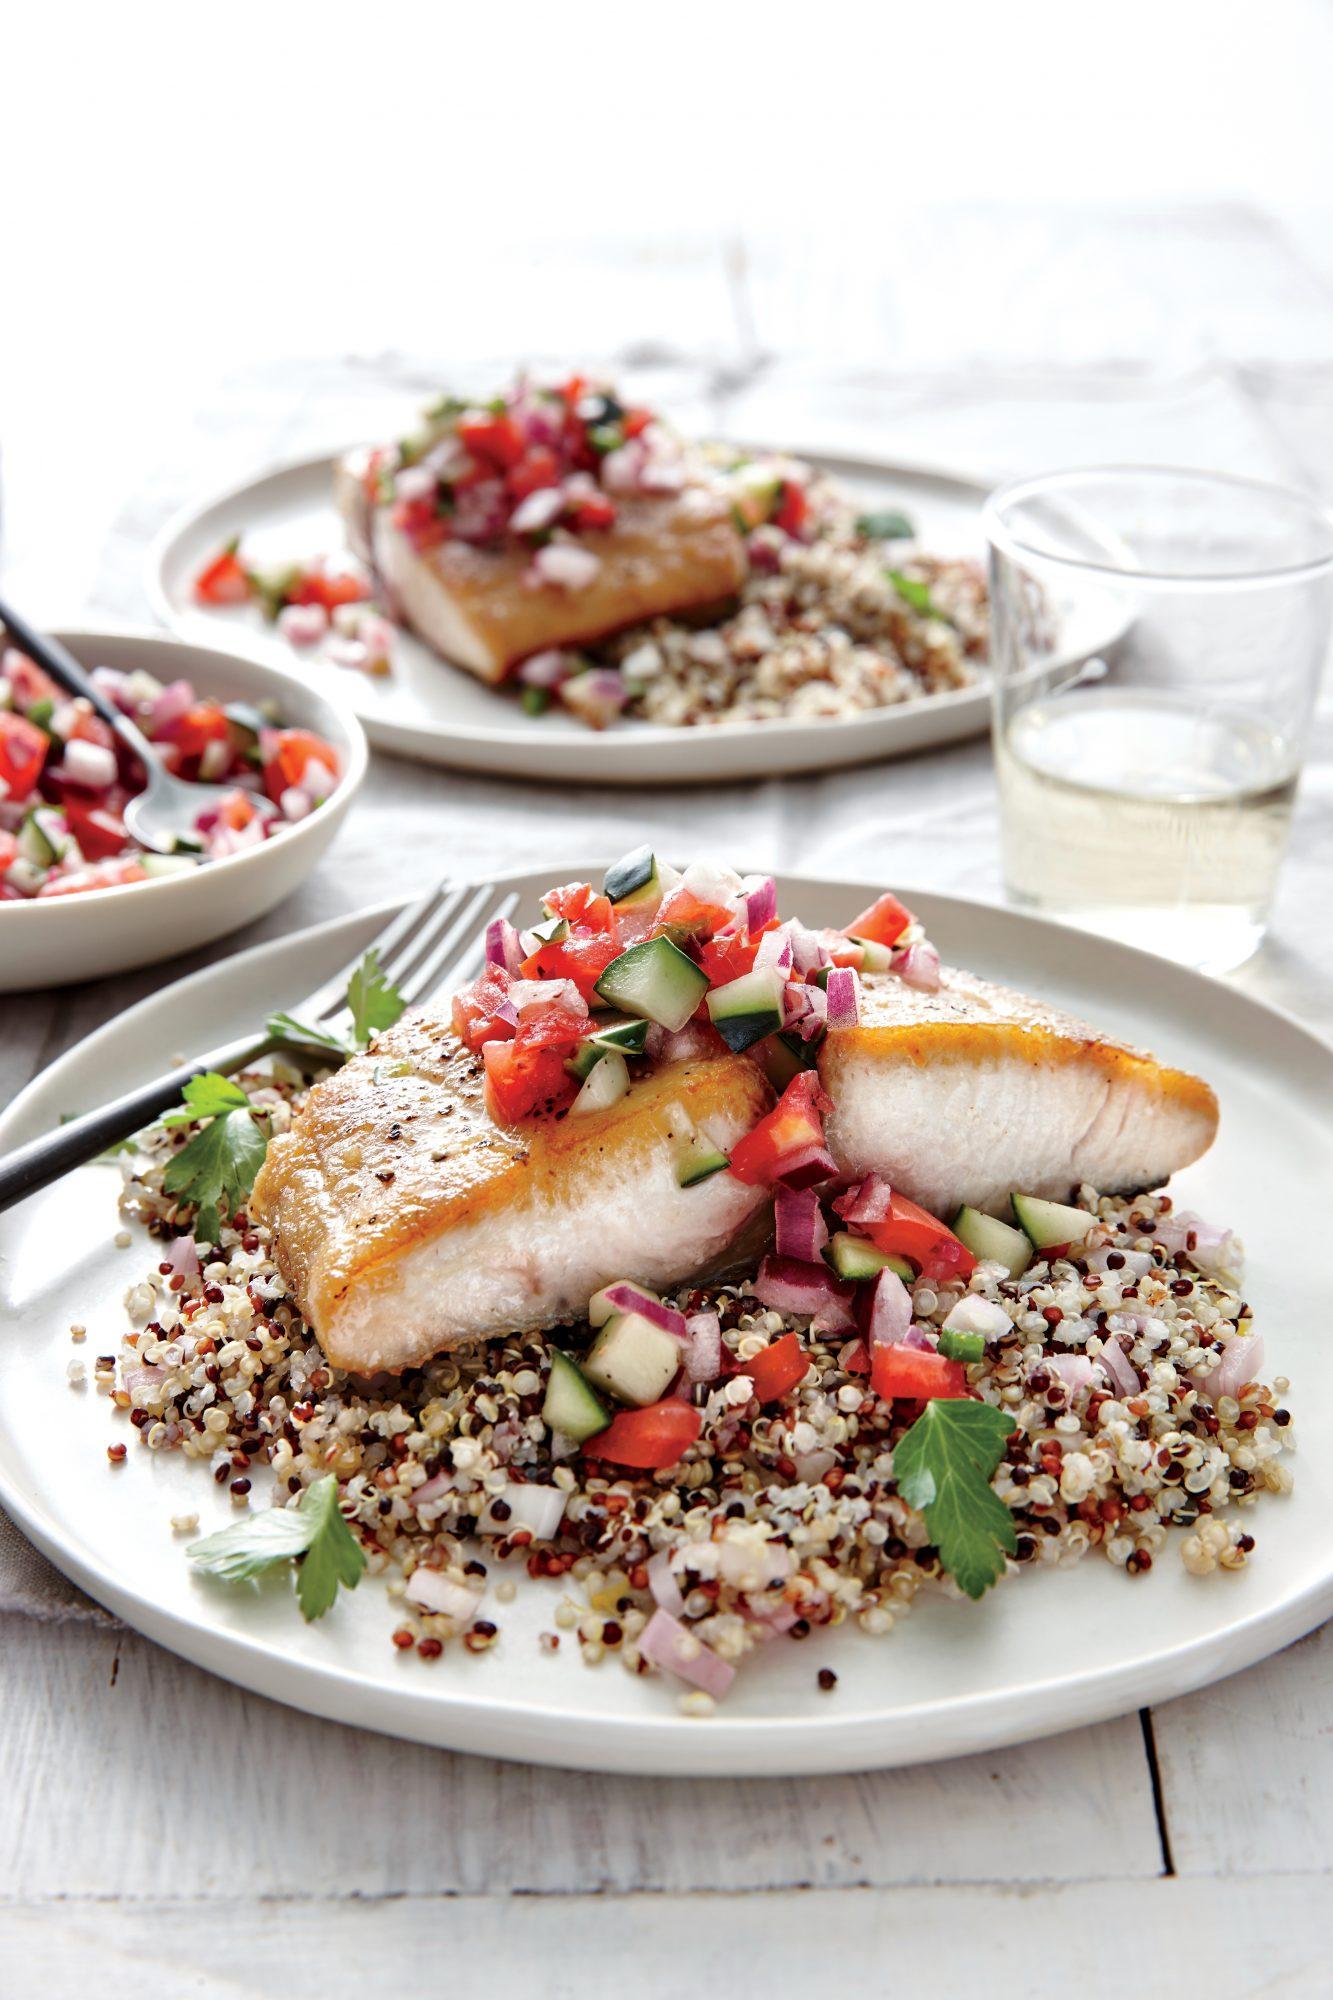 Shallot and Parsley Quinoa